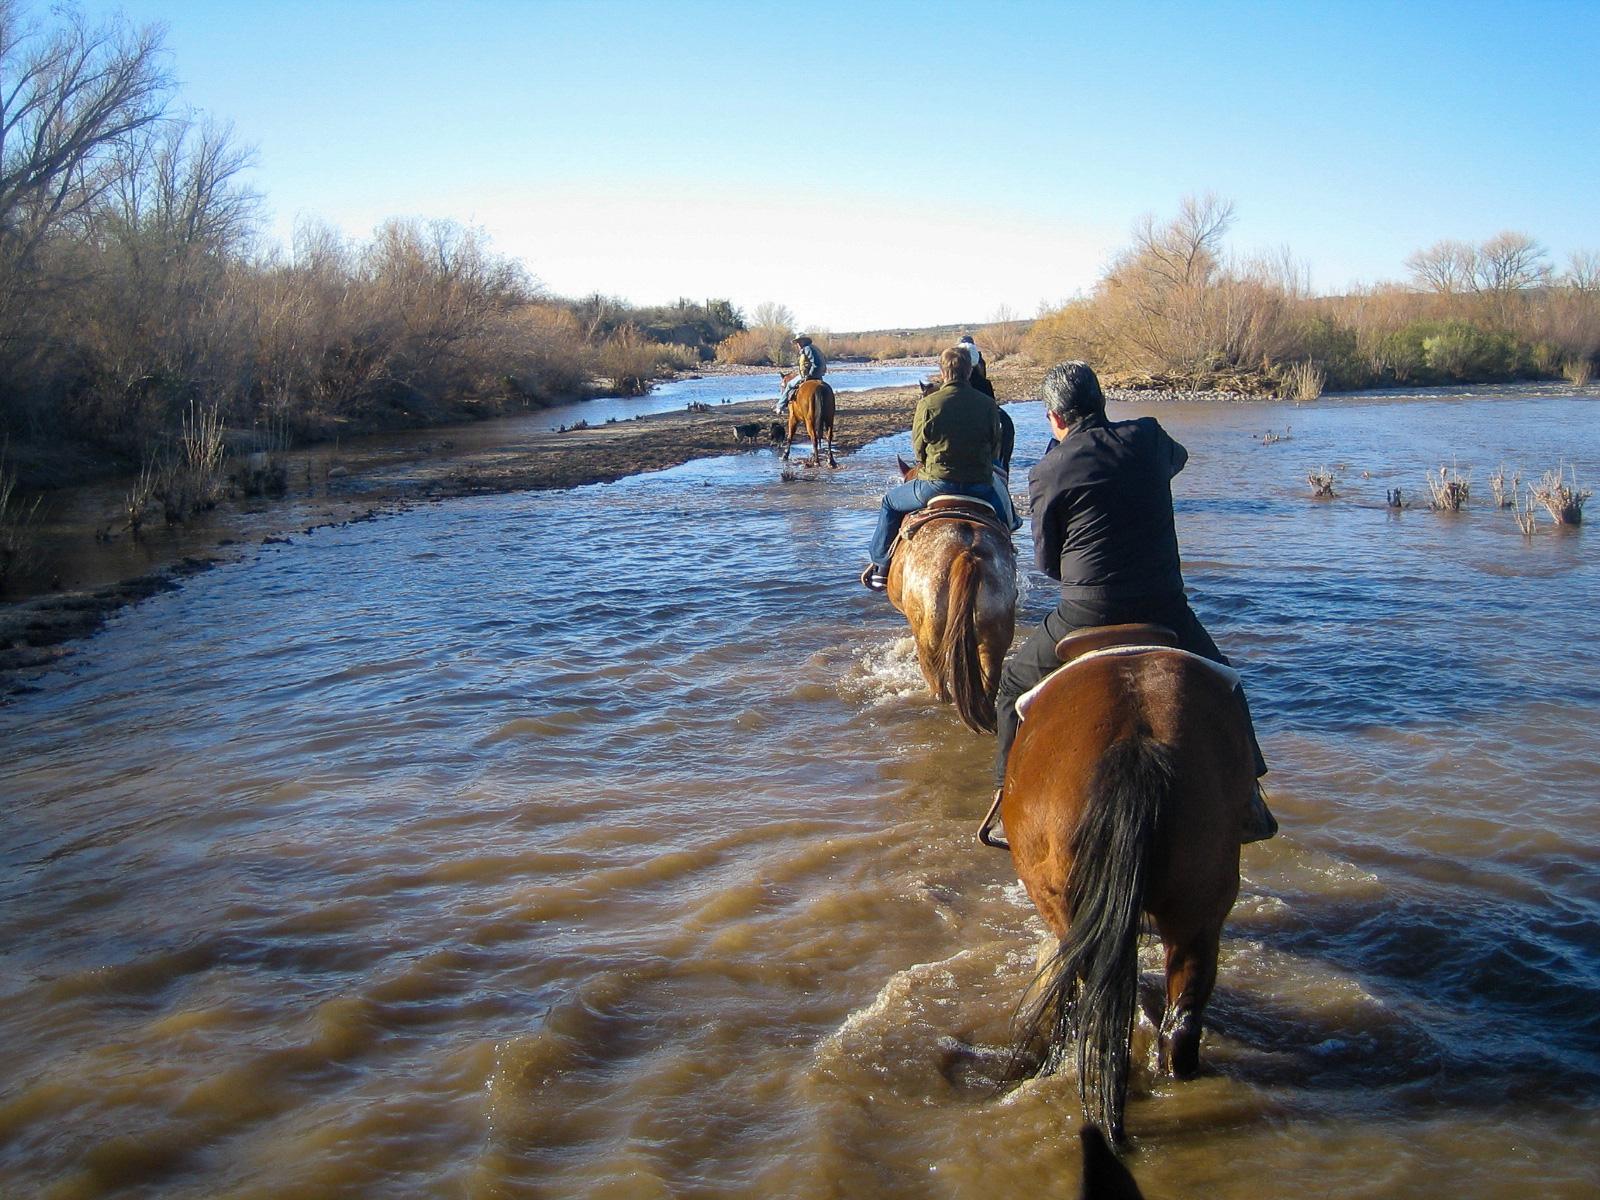 Reiter auf Pferderücken durchqueren einen Fluss in Scottsdale